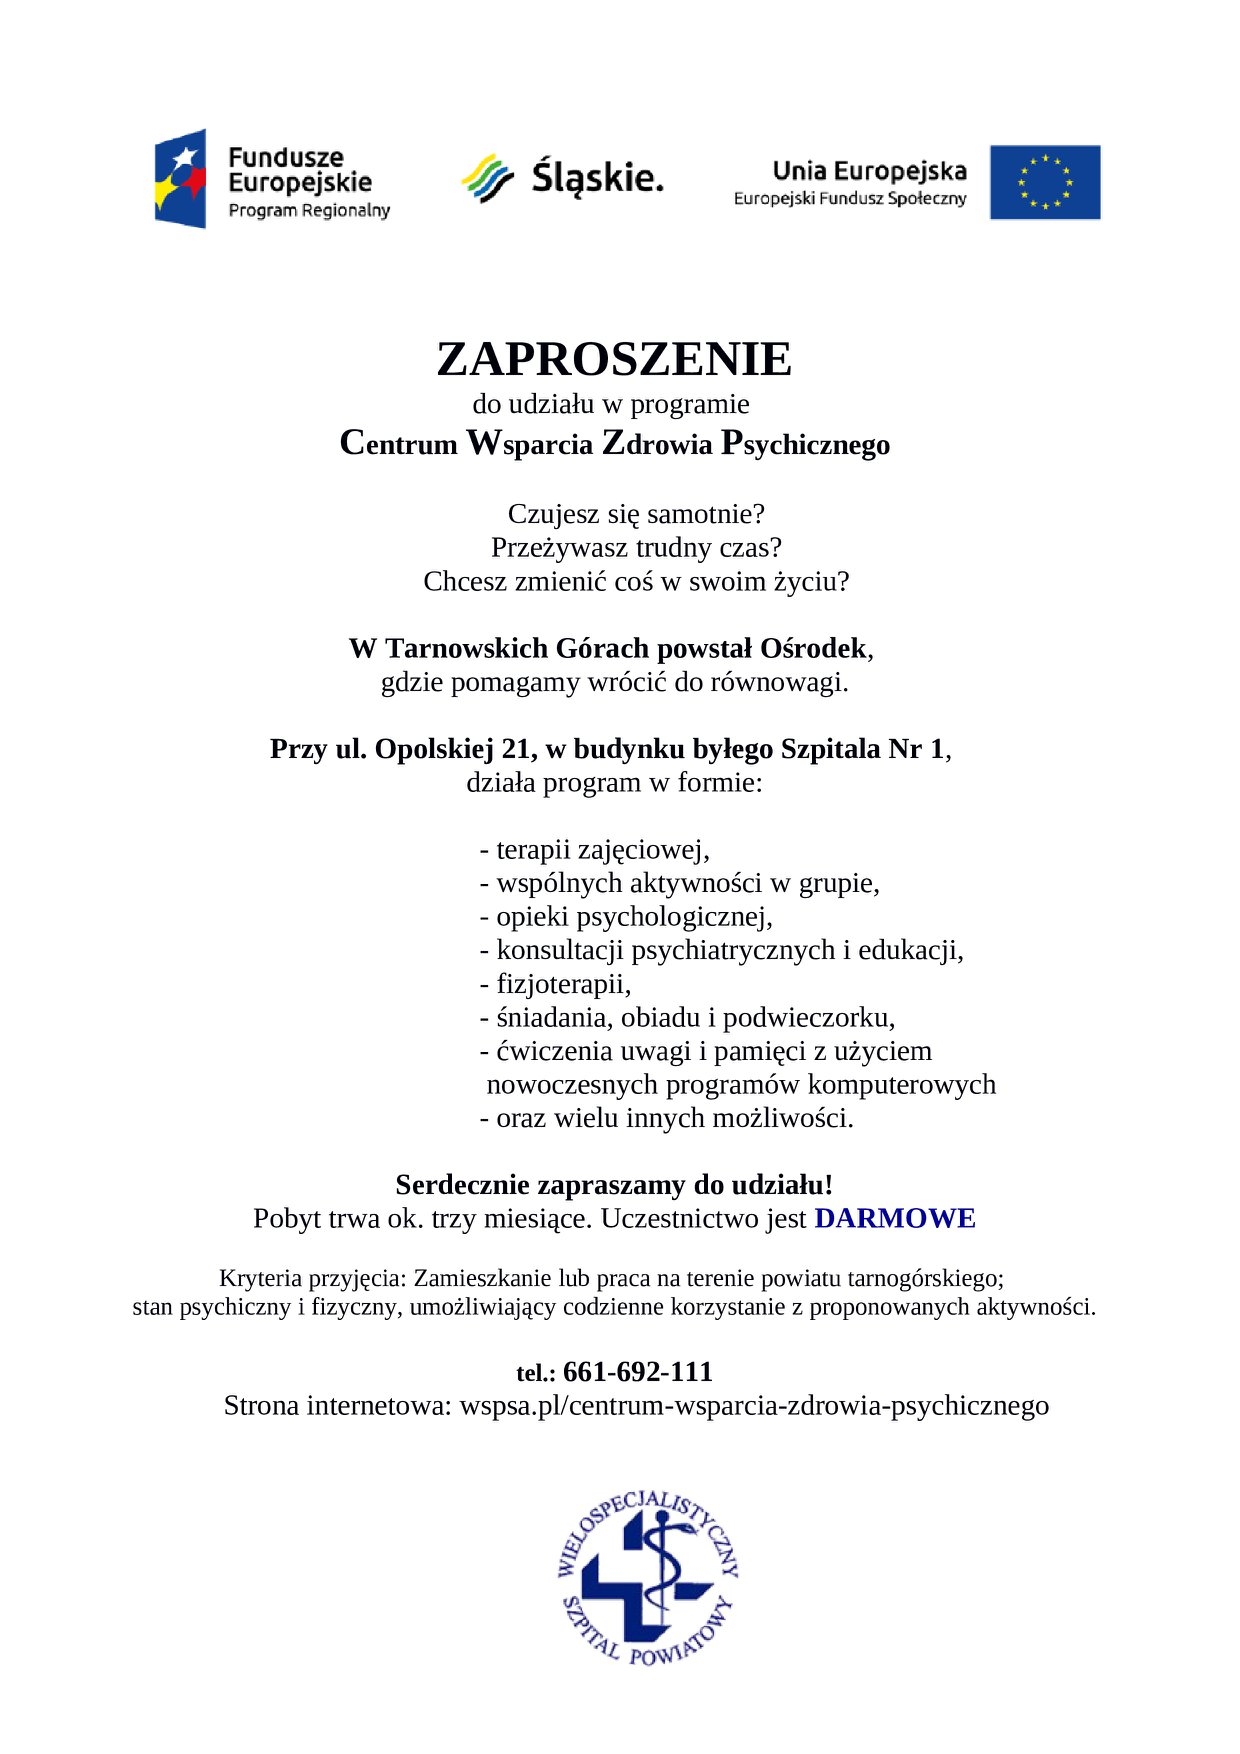 Centrum Wsparcia Zdrowia Psychicznego – zaproszenie do udziału